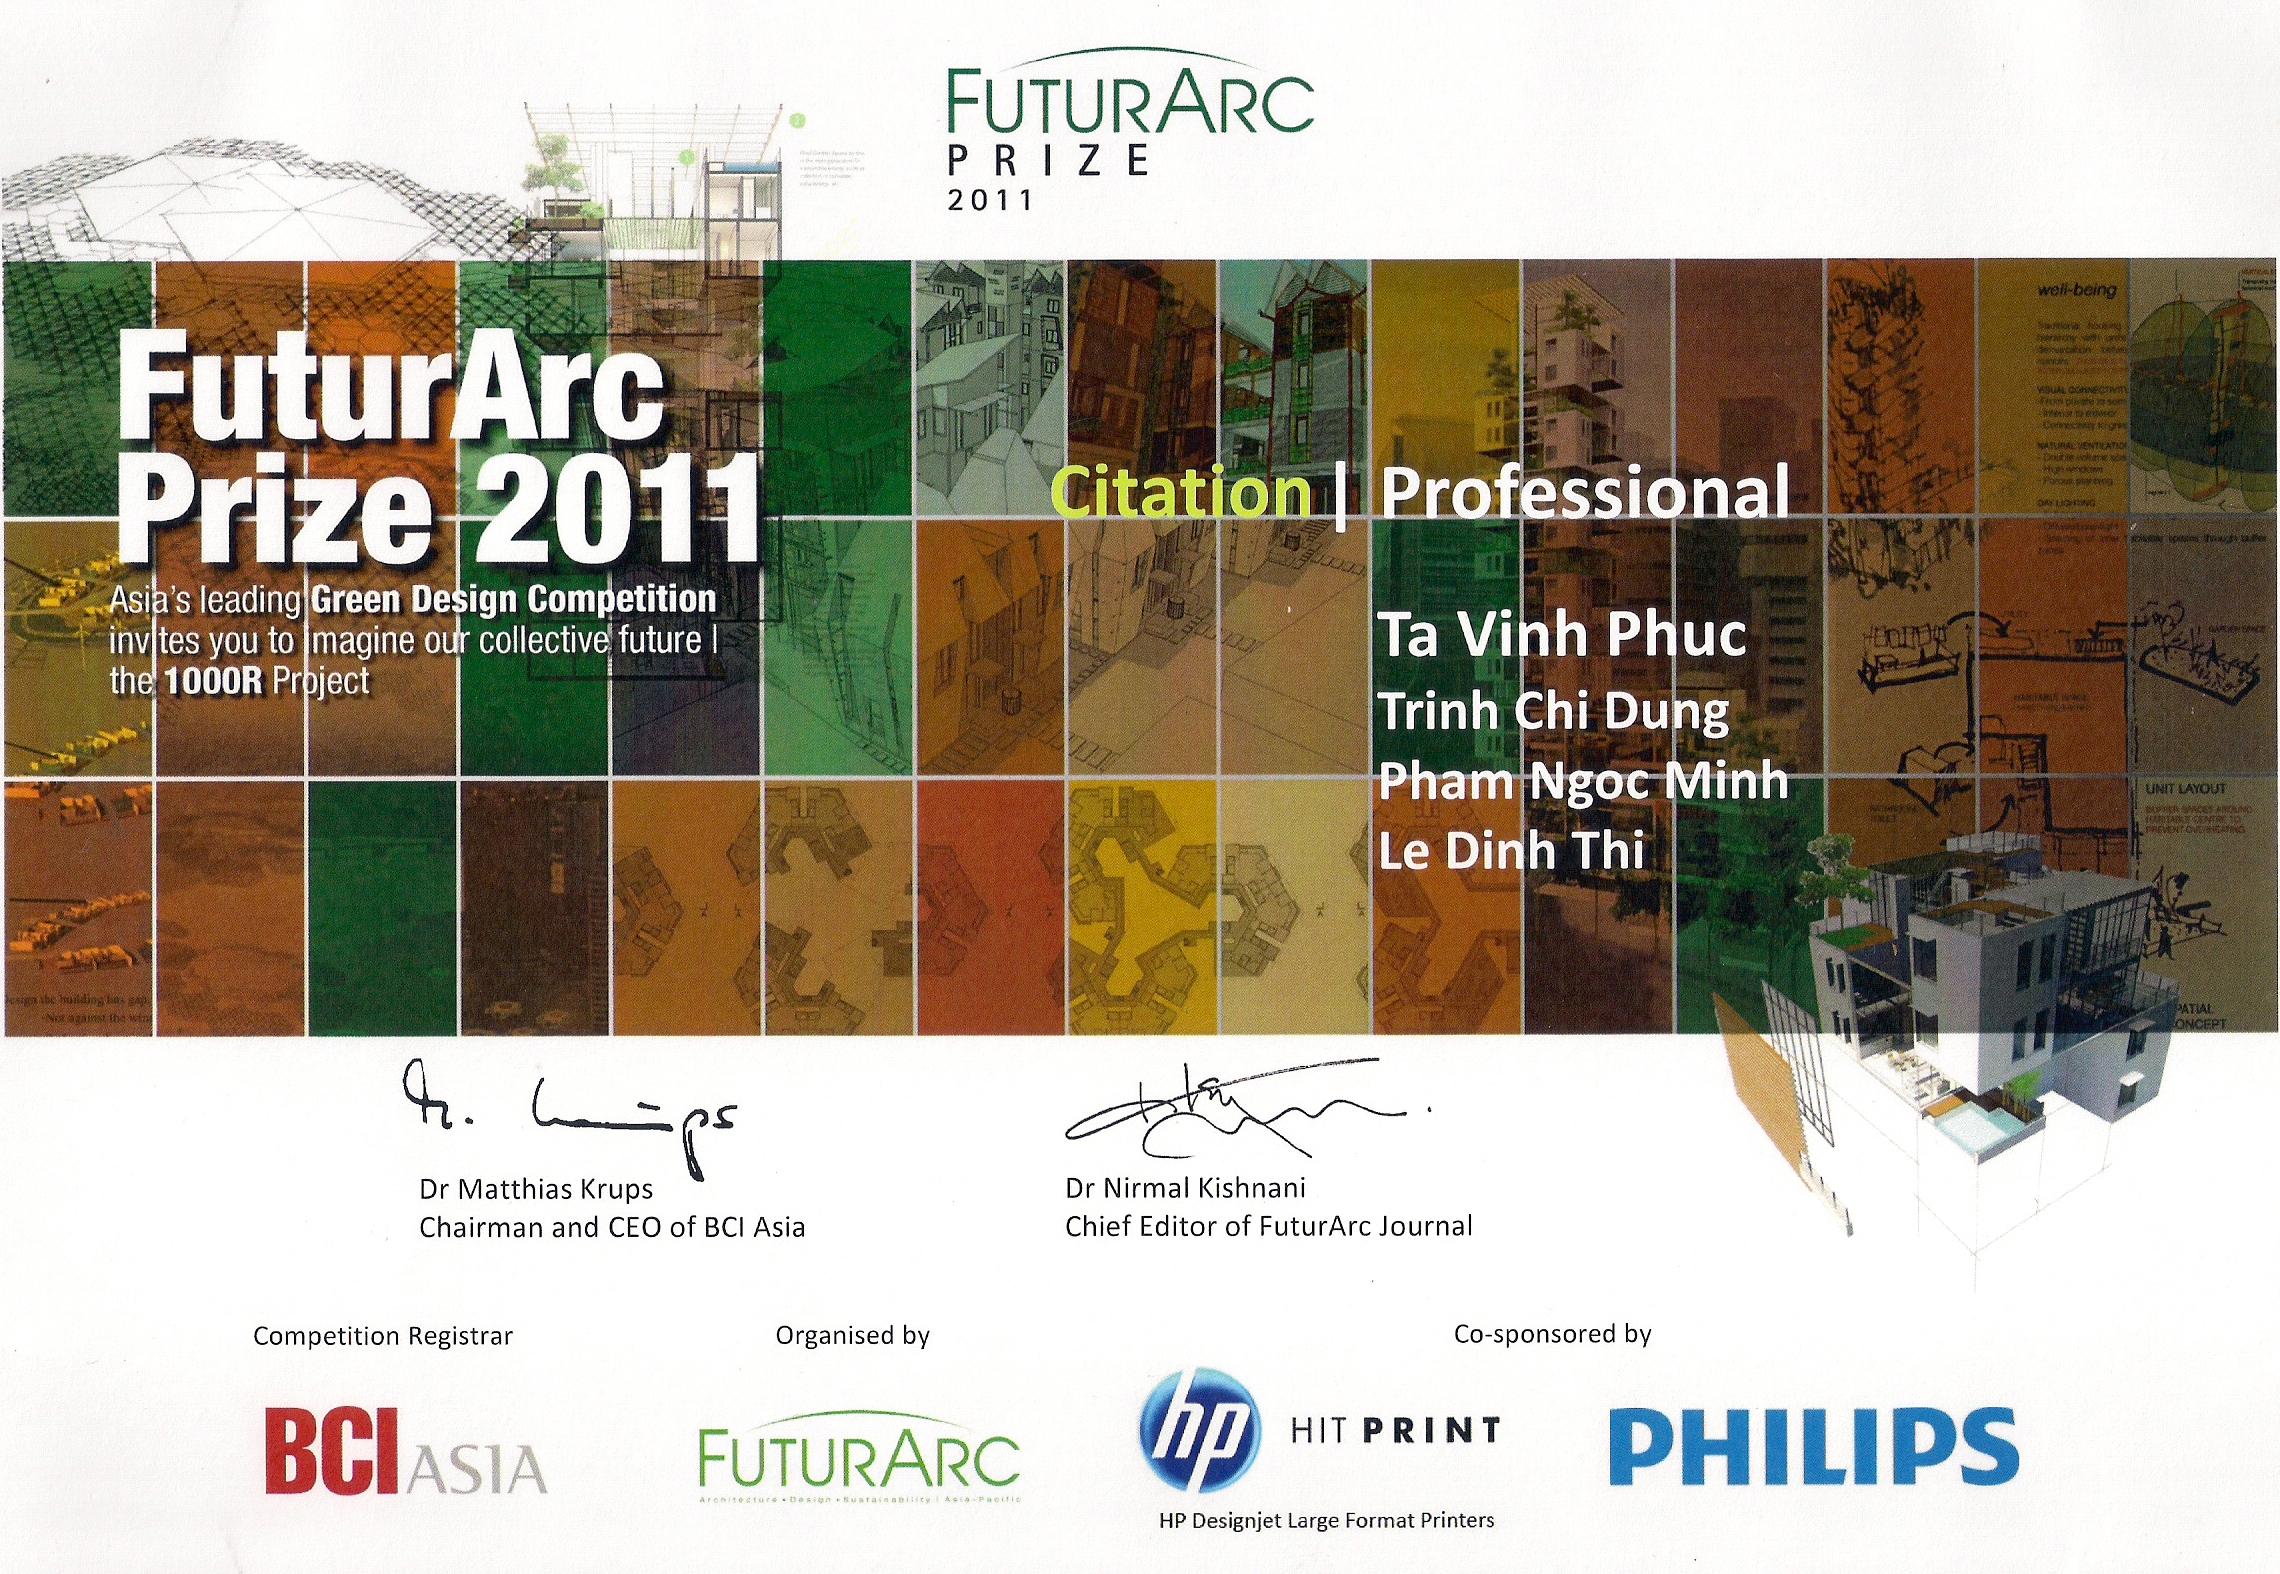 futurarc-prize-2011